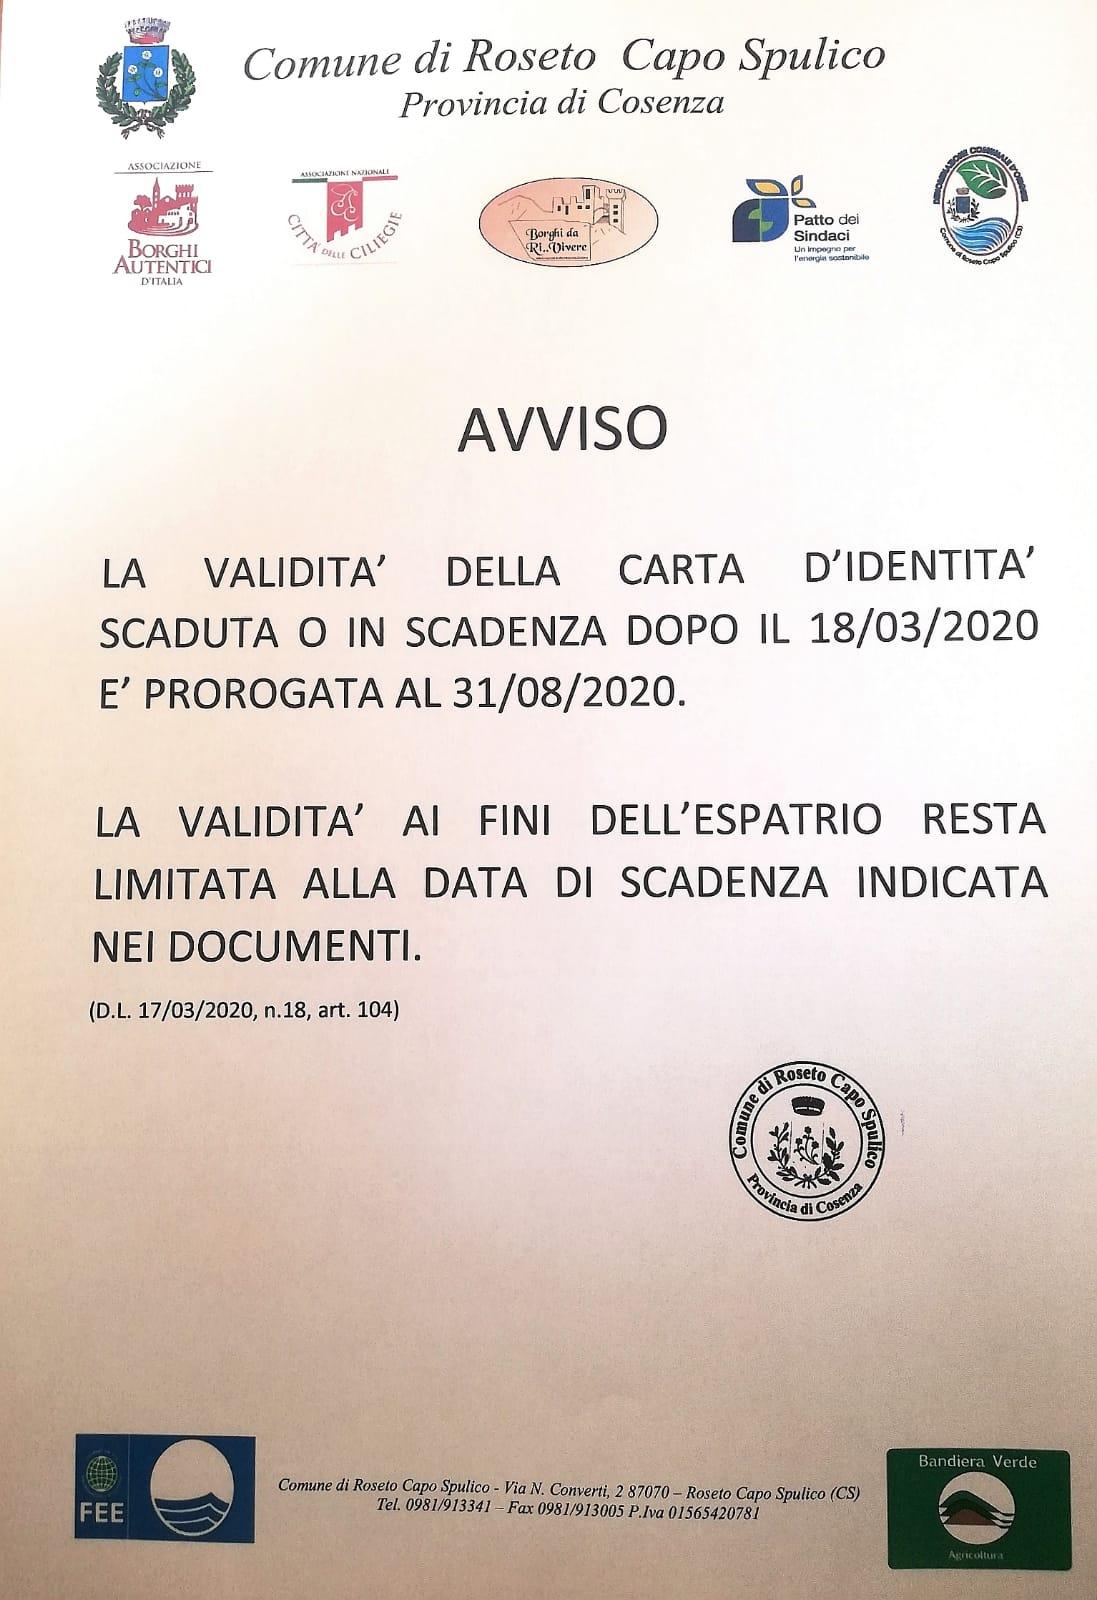 Avviso proroga validità carta d'identità – D.L. 17/03/2020 n.18 art. 104